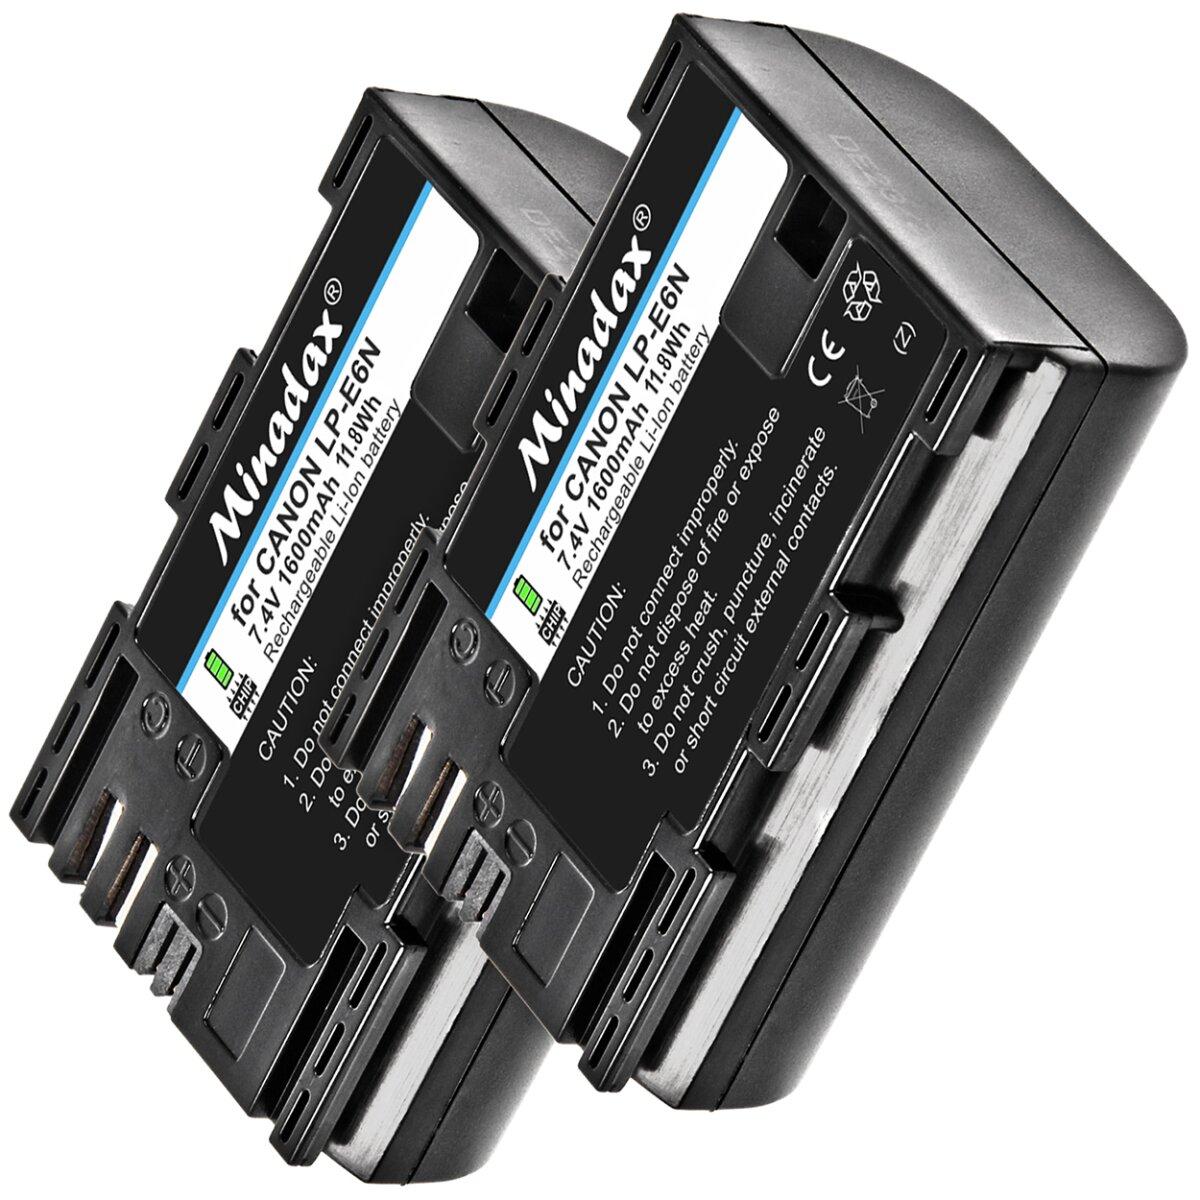 2x Minadax Qualitätsakku ersetzt LP-E6 / LP-E6N mit echten 1600 mAh kompatibel mit CanonEOS 90D 5DS 5DSR 5D Mark II/III/IV 60D/Da 70D 80D 6D 7D 7D MarkII 6D MarkII, EOS R, XC10